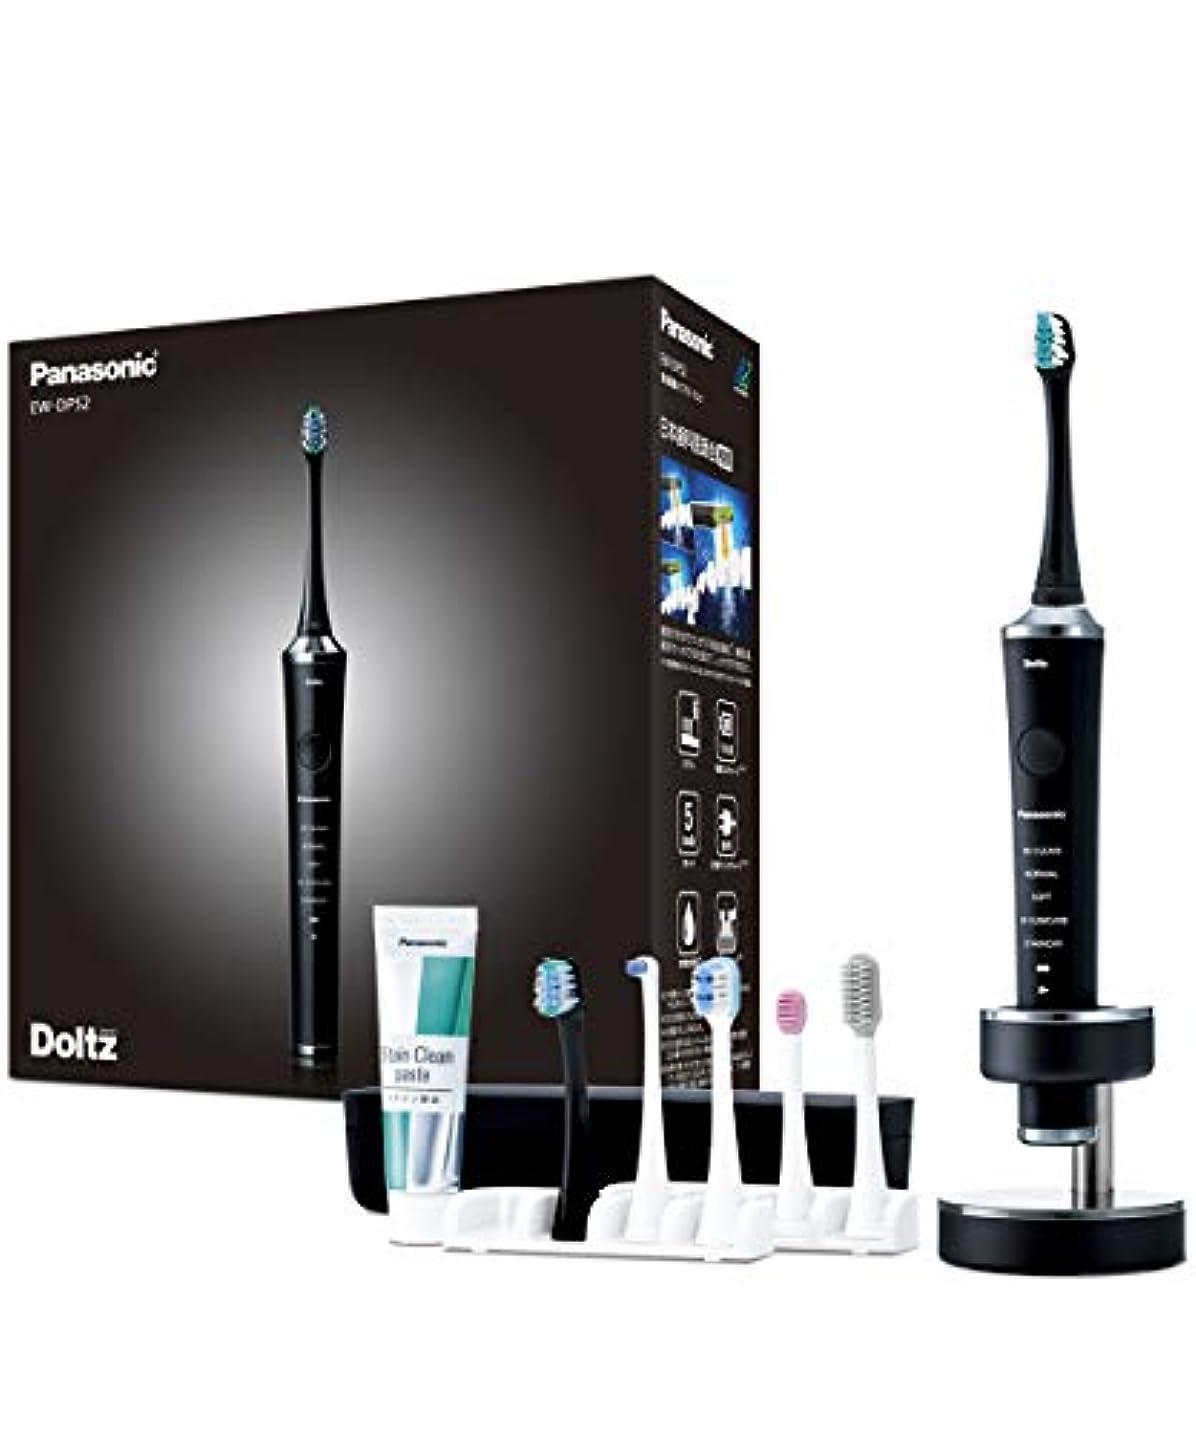 実行する刃飛び込むパナソニック 電動歯ブラシ ドルツ 黒 EW-DP52-K